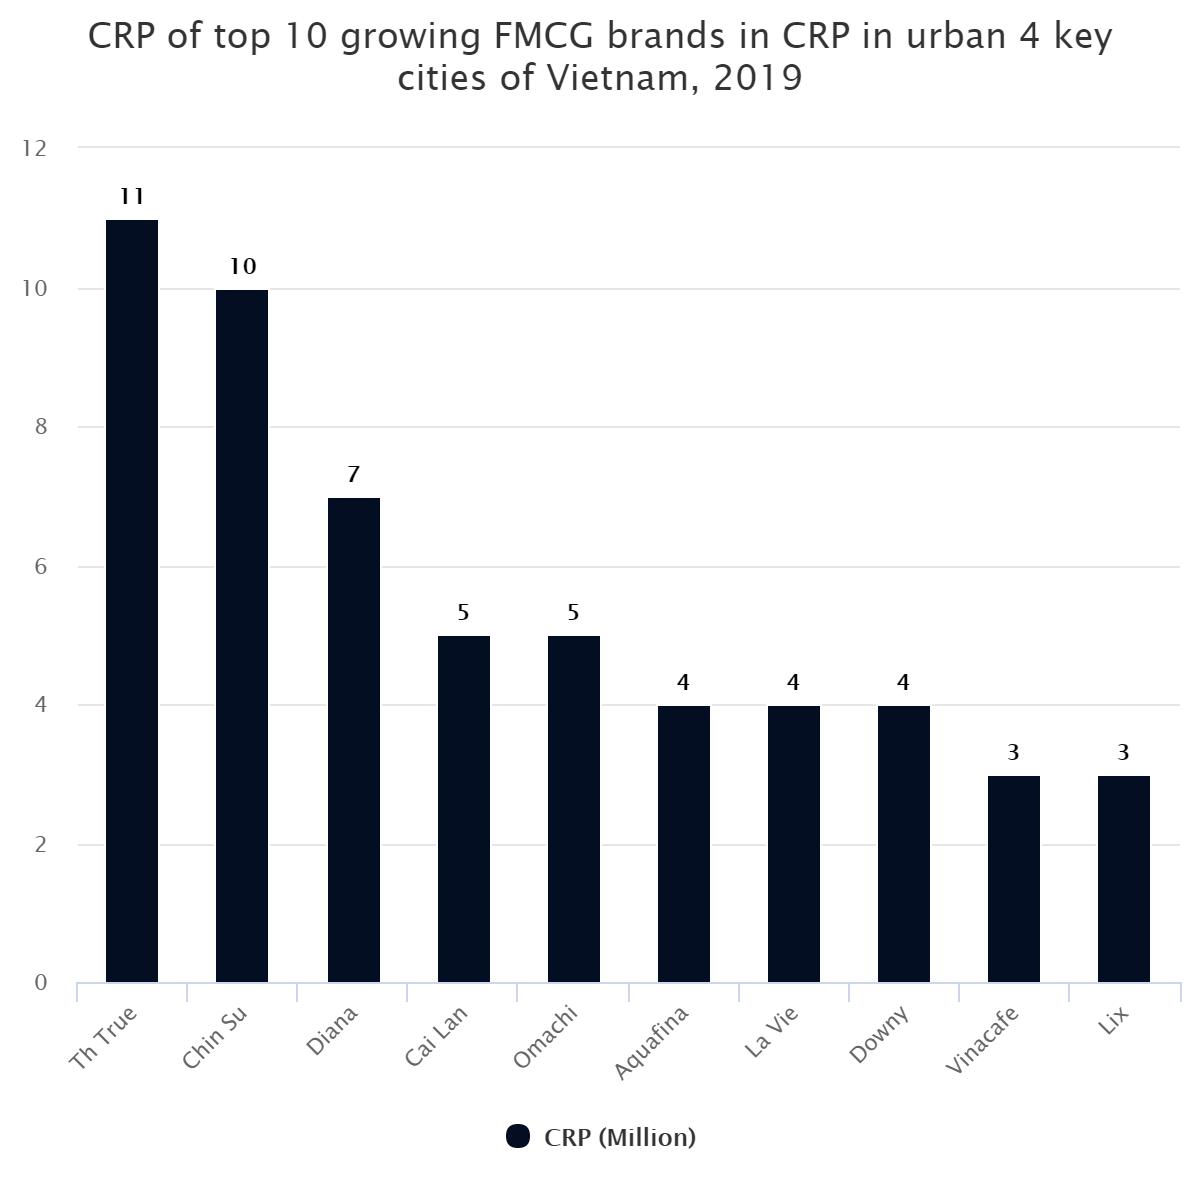 CRP of top 10 growing FMCG brands in CRP in urban 4 key cities of Vietnam, 2019